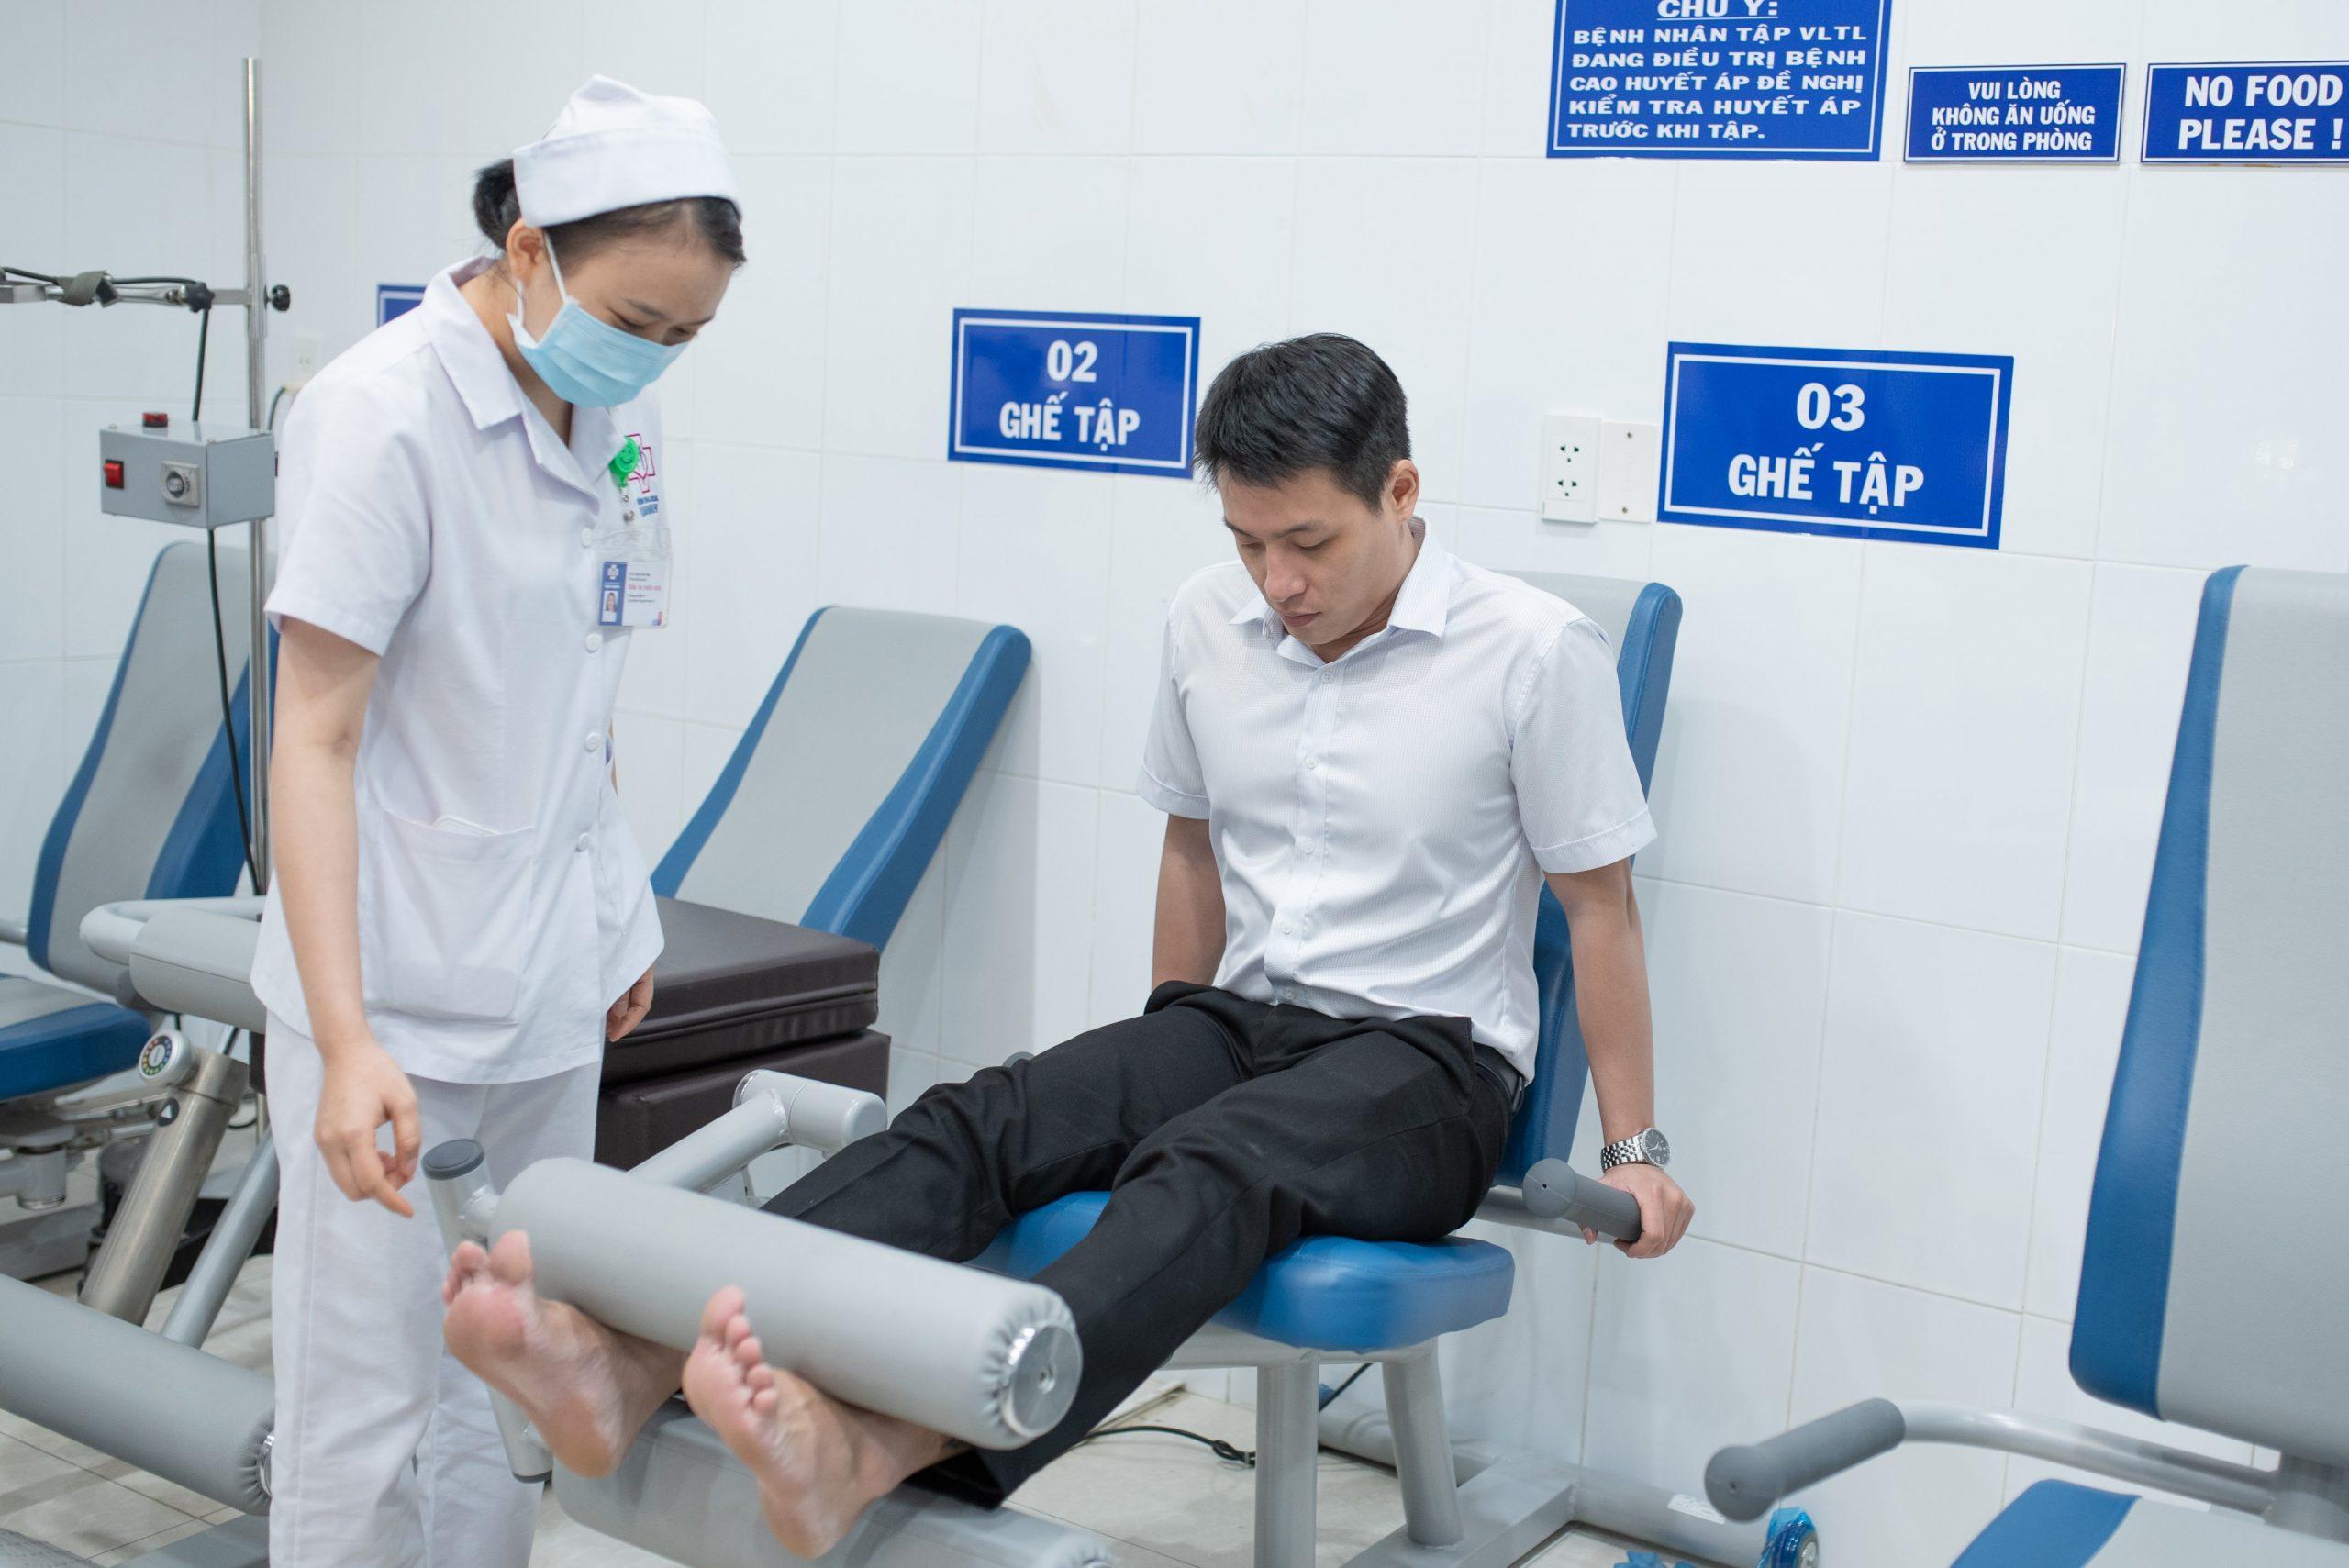 Bệnh viện đa khoa Vạn Hạnh là một trong những bệnh viện chữa xương khớp tốt nhất tại tphcm